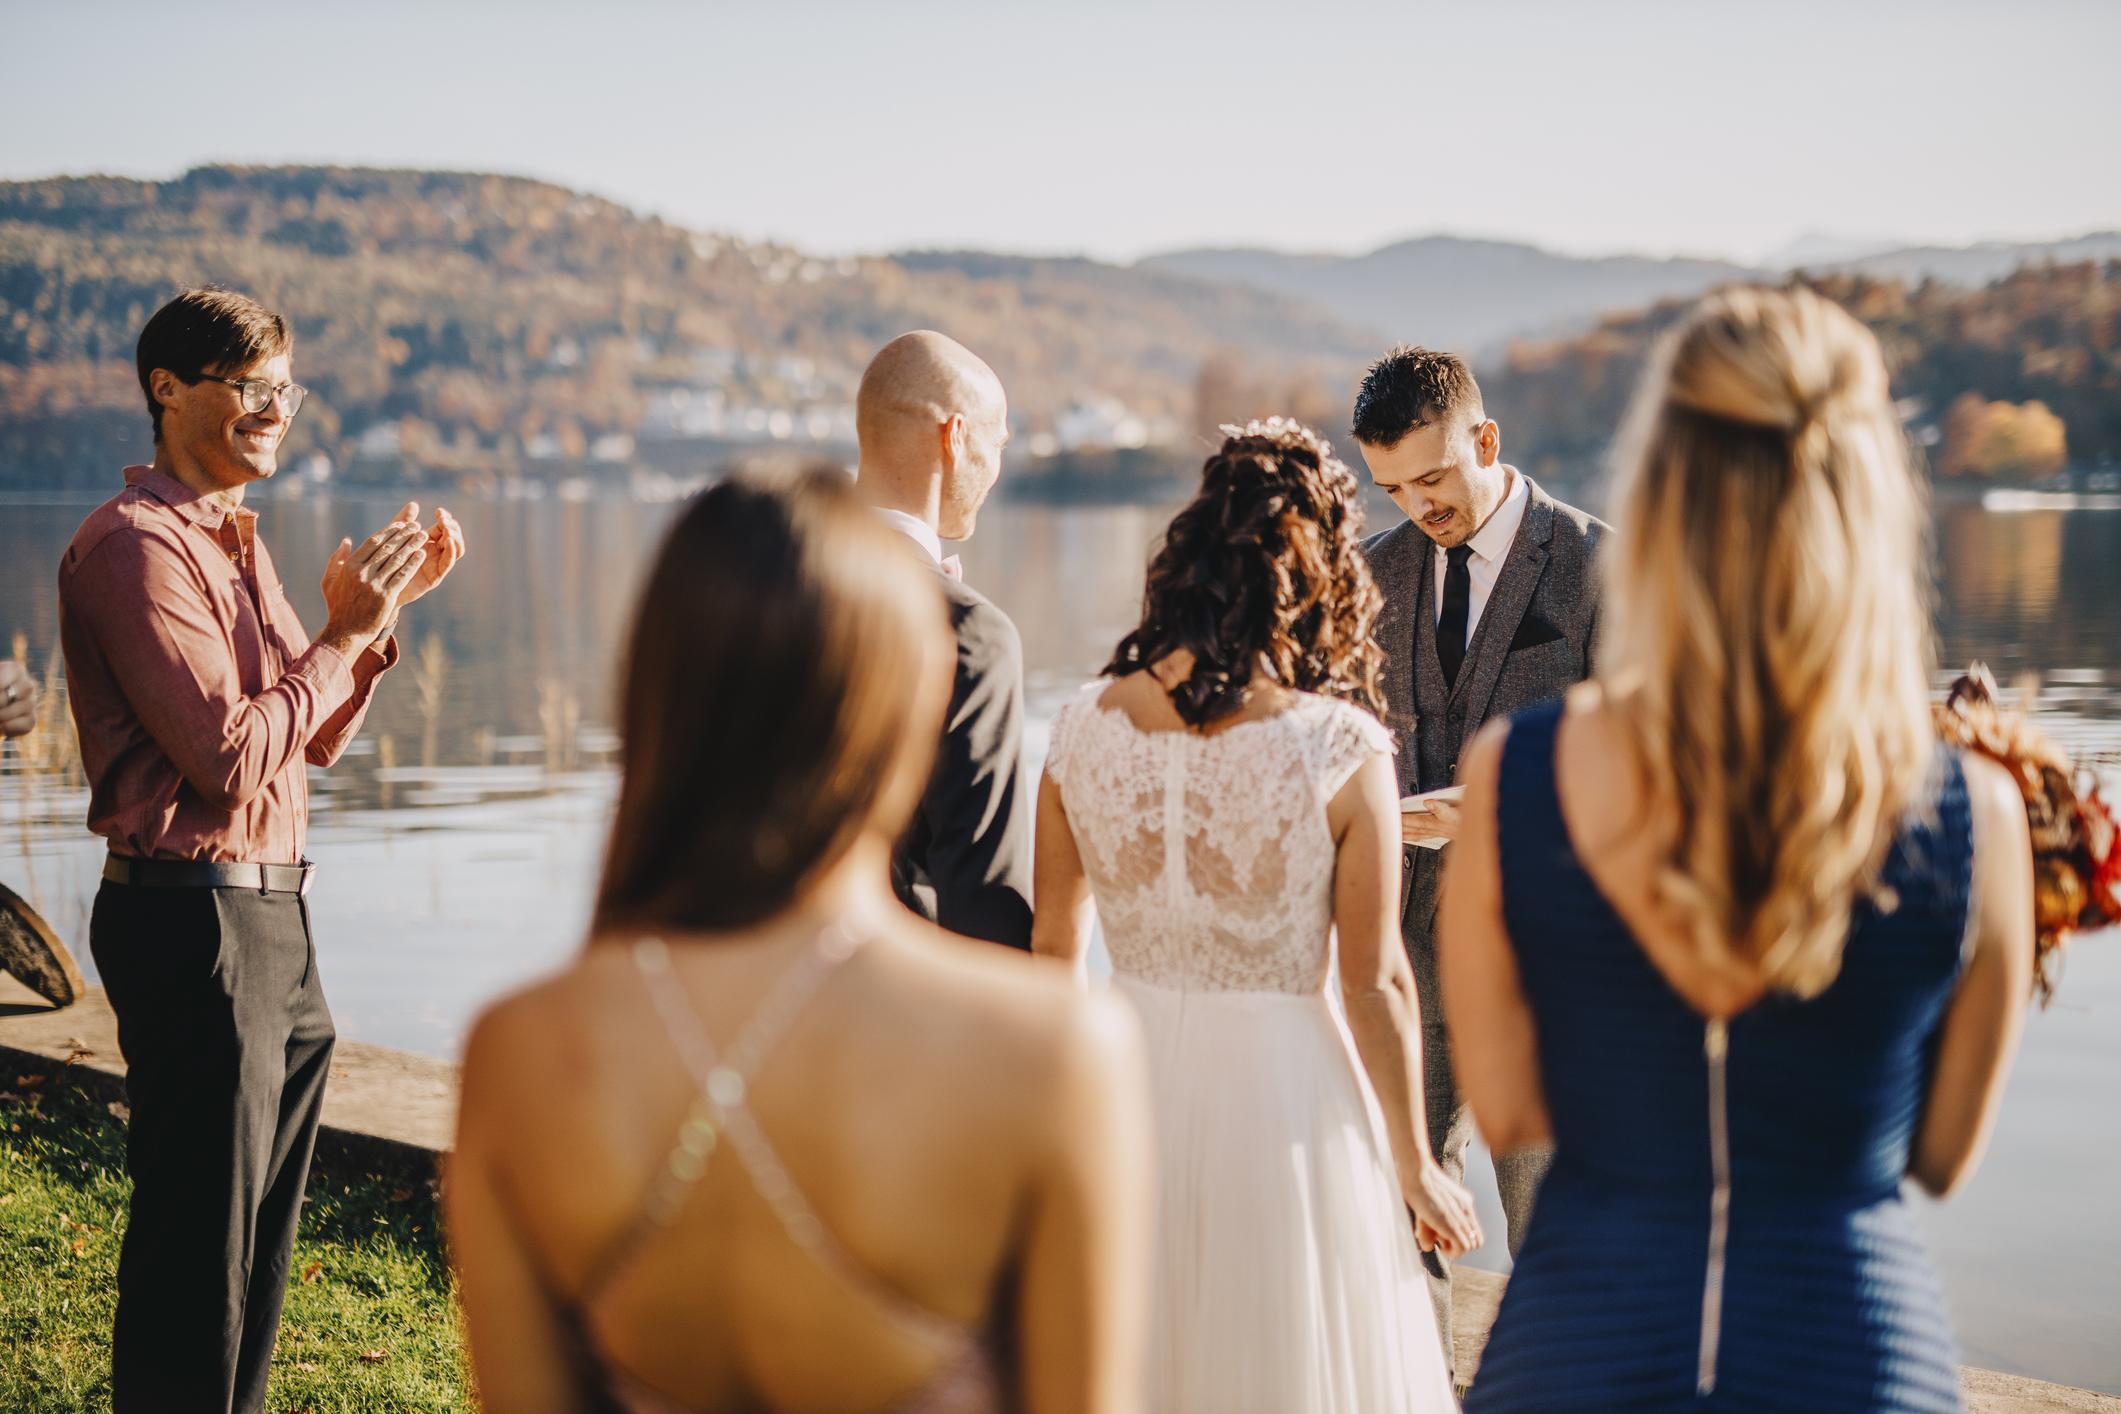 Un groupe d'invités à un mariage regardant une mariée et un marié se marier.